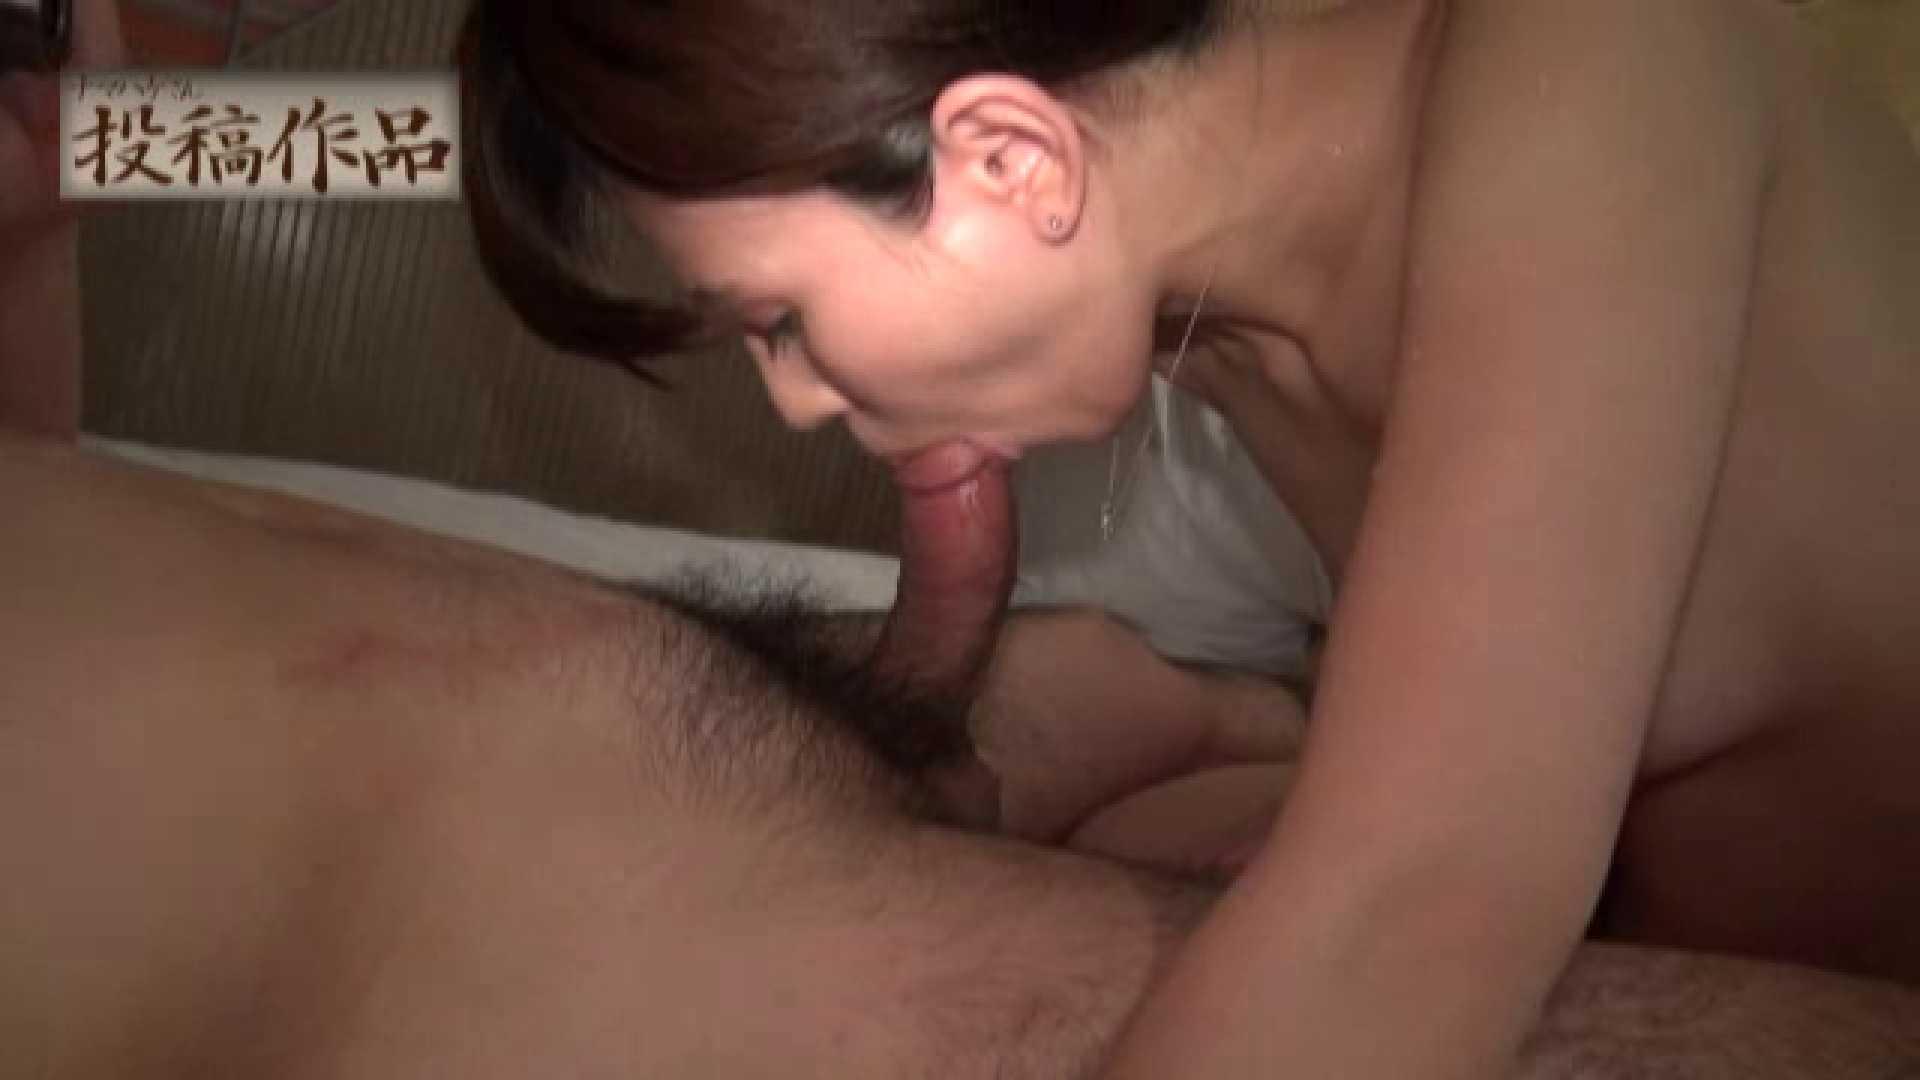 ナマハゲさんのまんこコレクション第二章 noriko02 覗き   おまんこ無修正  81pic 11